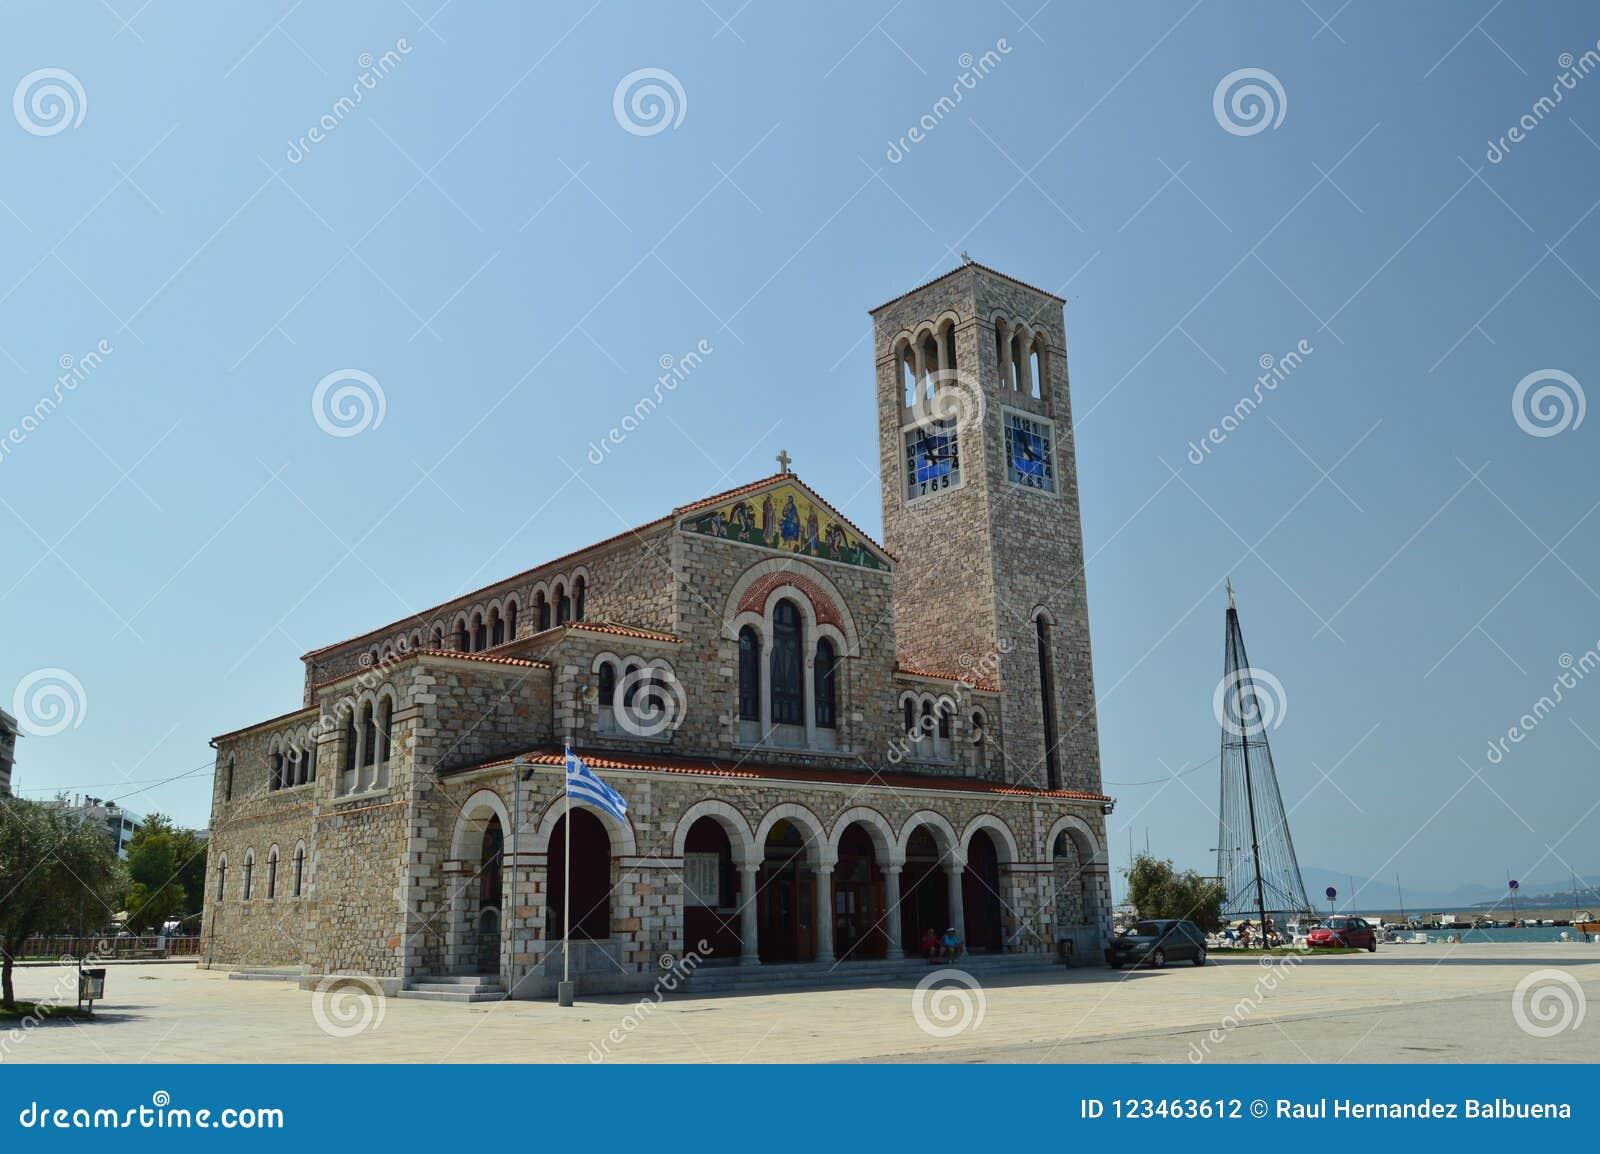 Orthodoxe Kirche Von Konstantinos On Its Main Facade